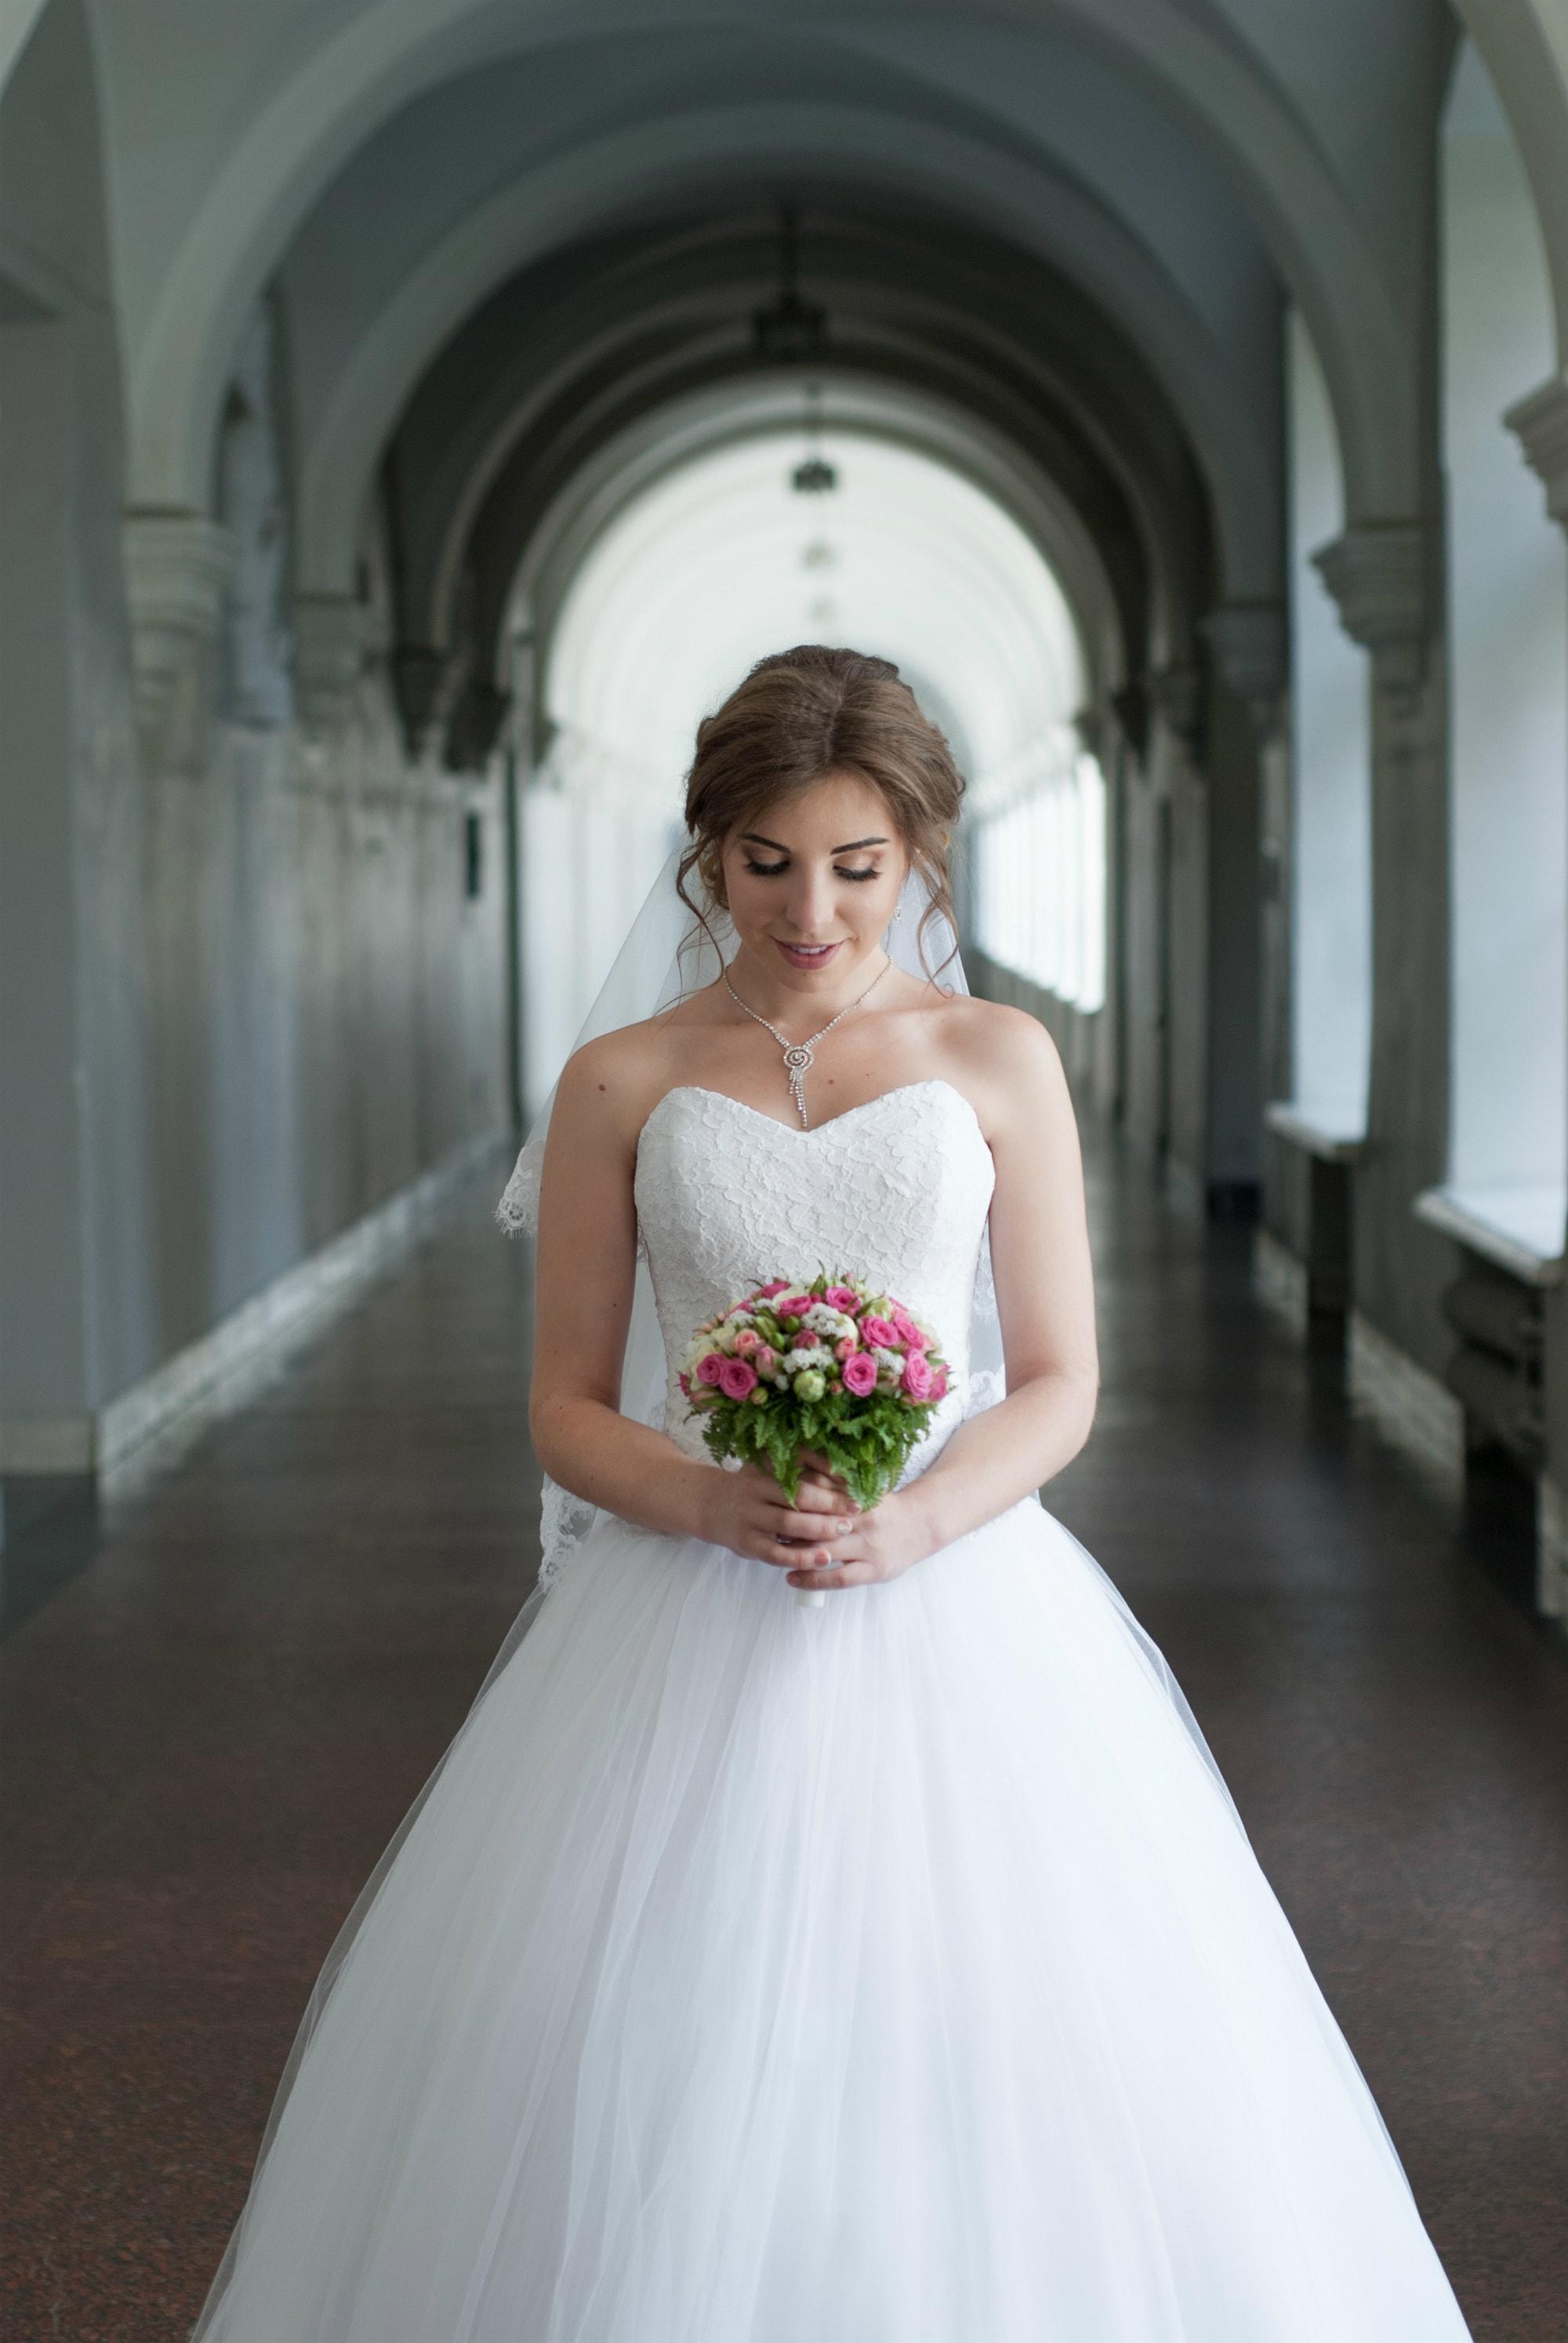 Свадебный букет в руках невесты - Фотограф Киев - Женя Лайт